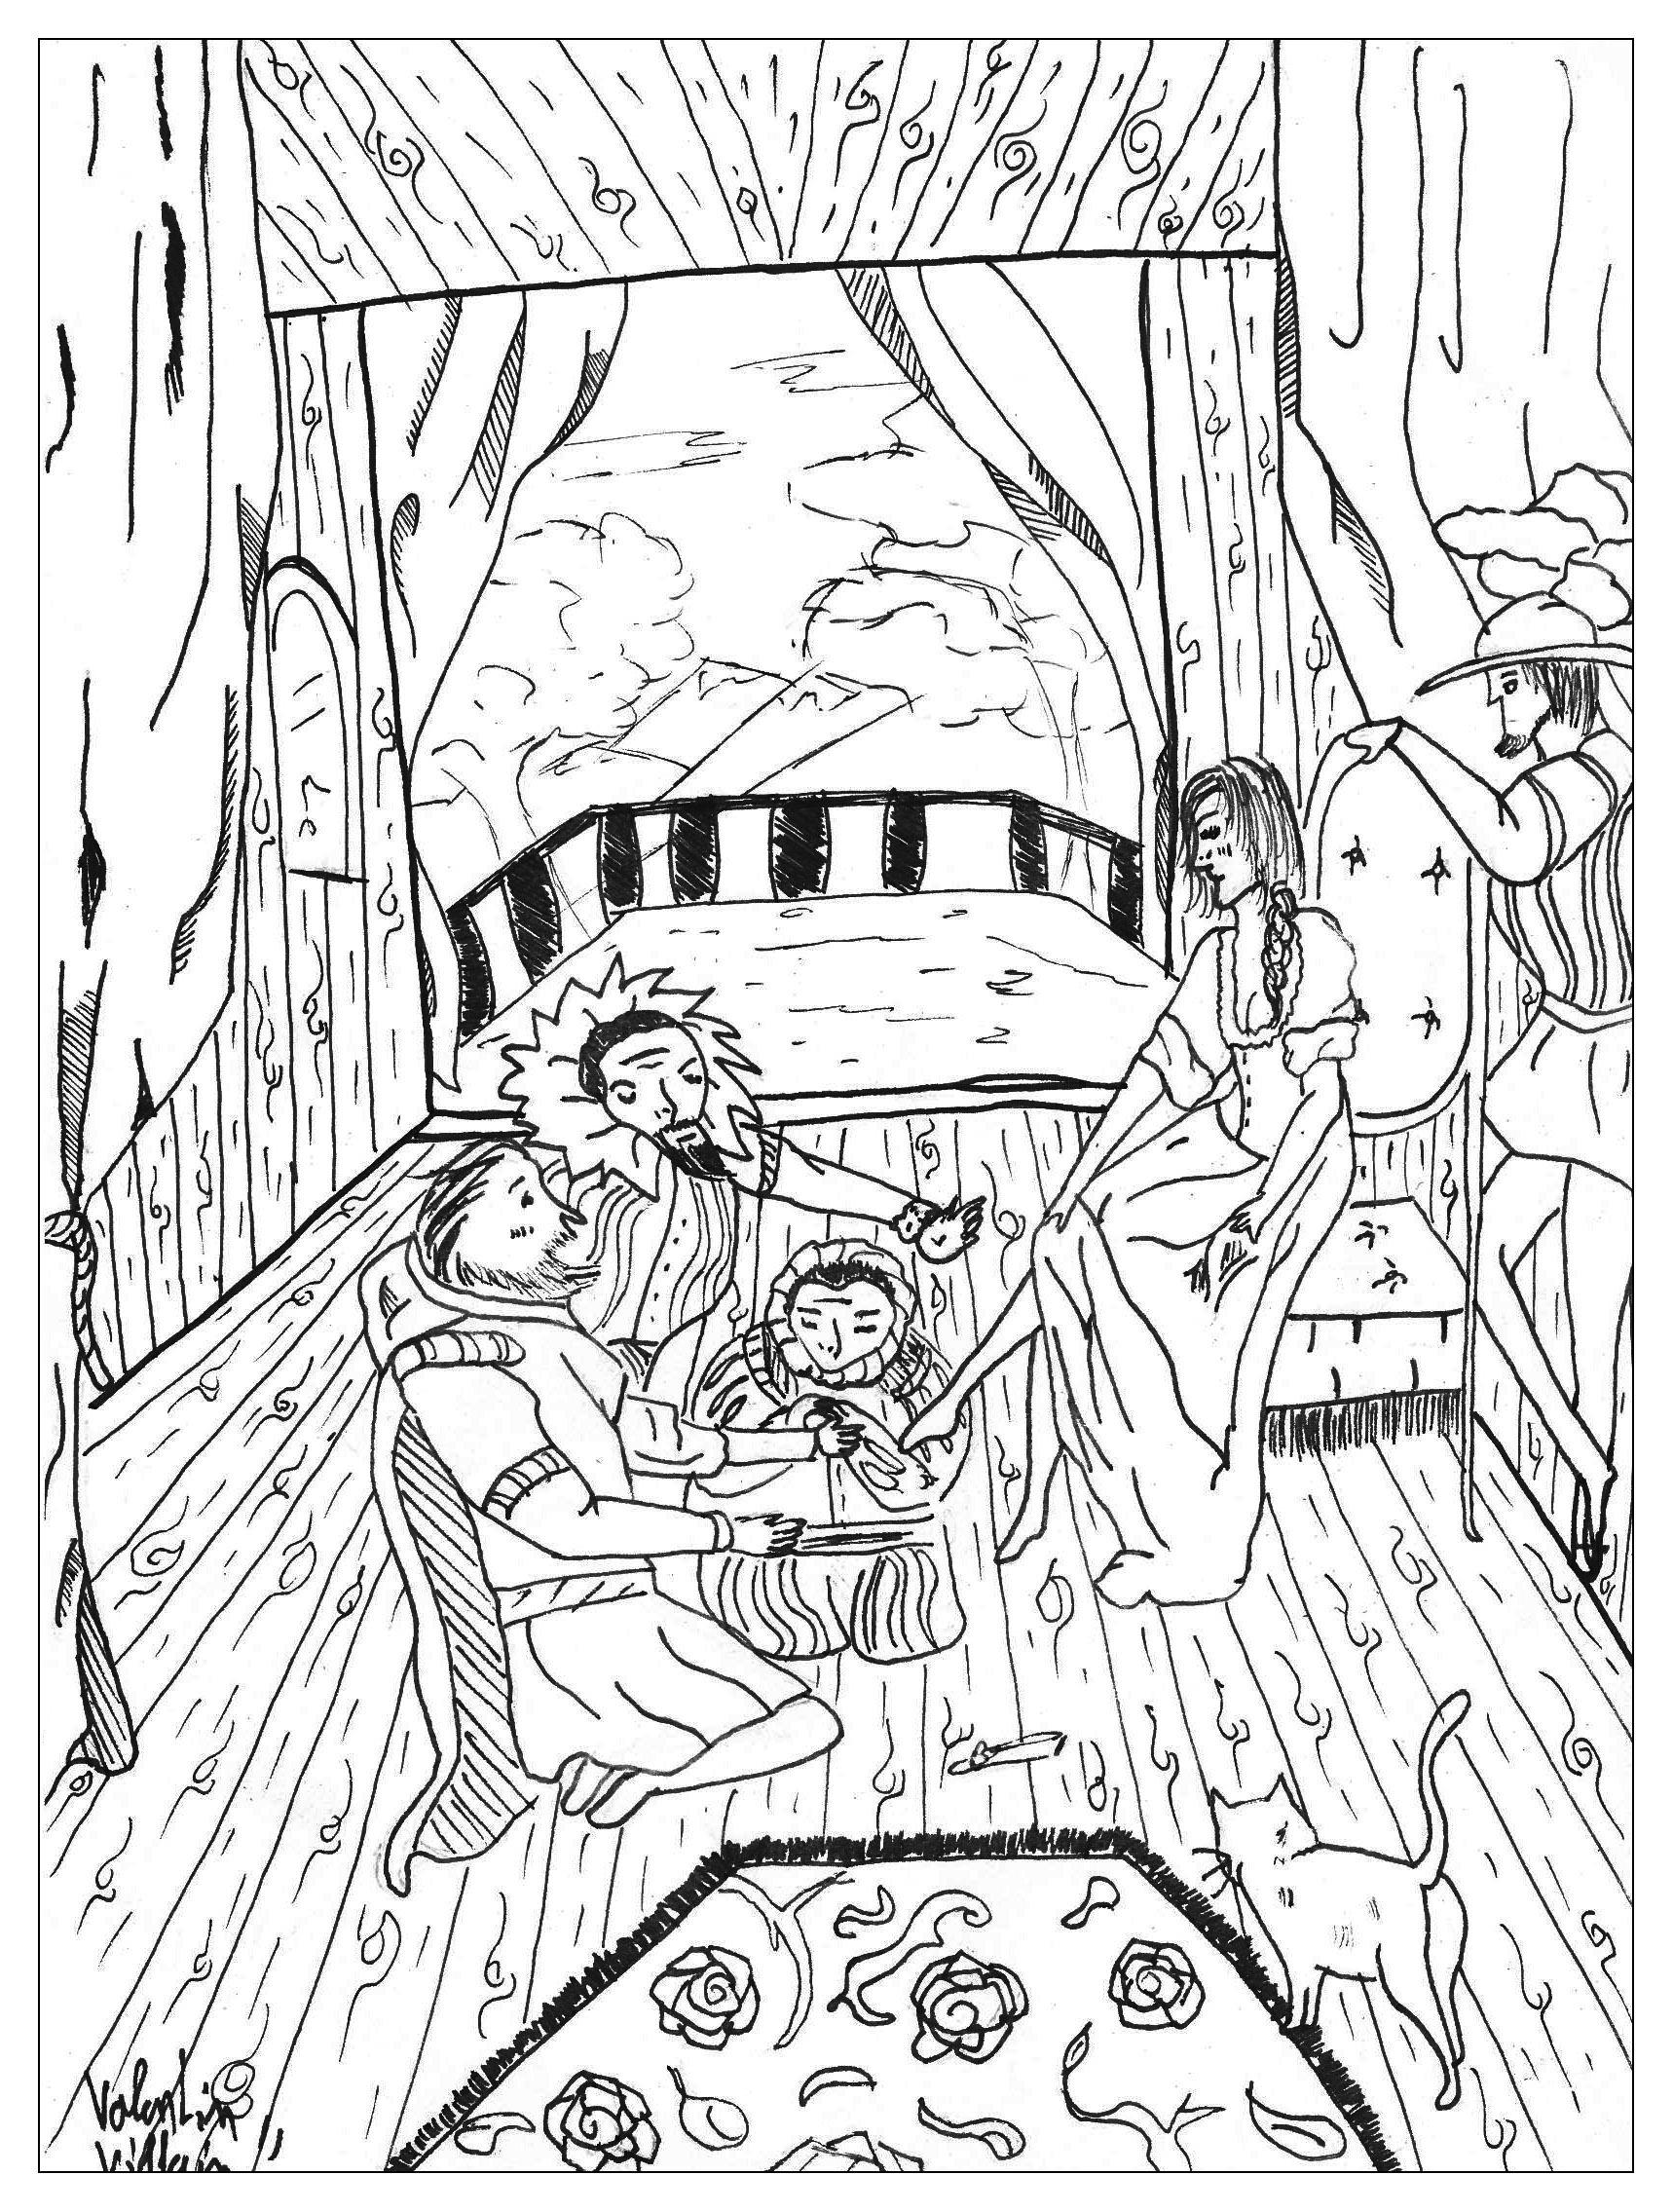 Colorear para adultos : Fairy tales - 16